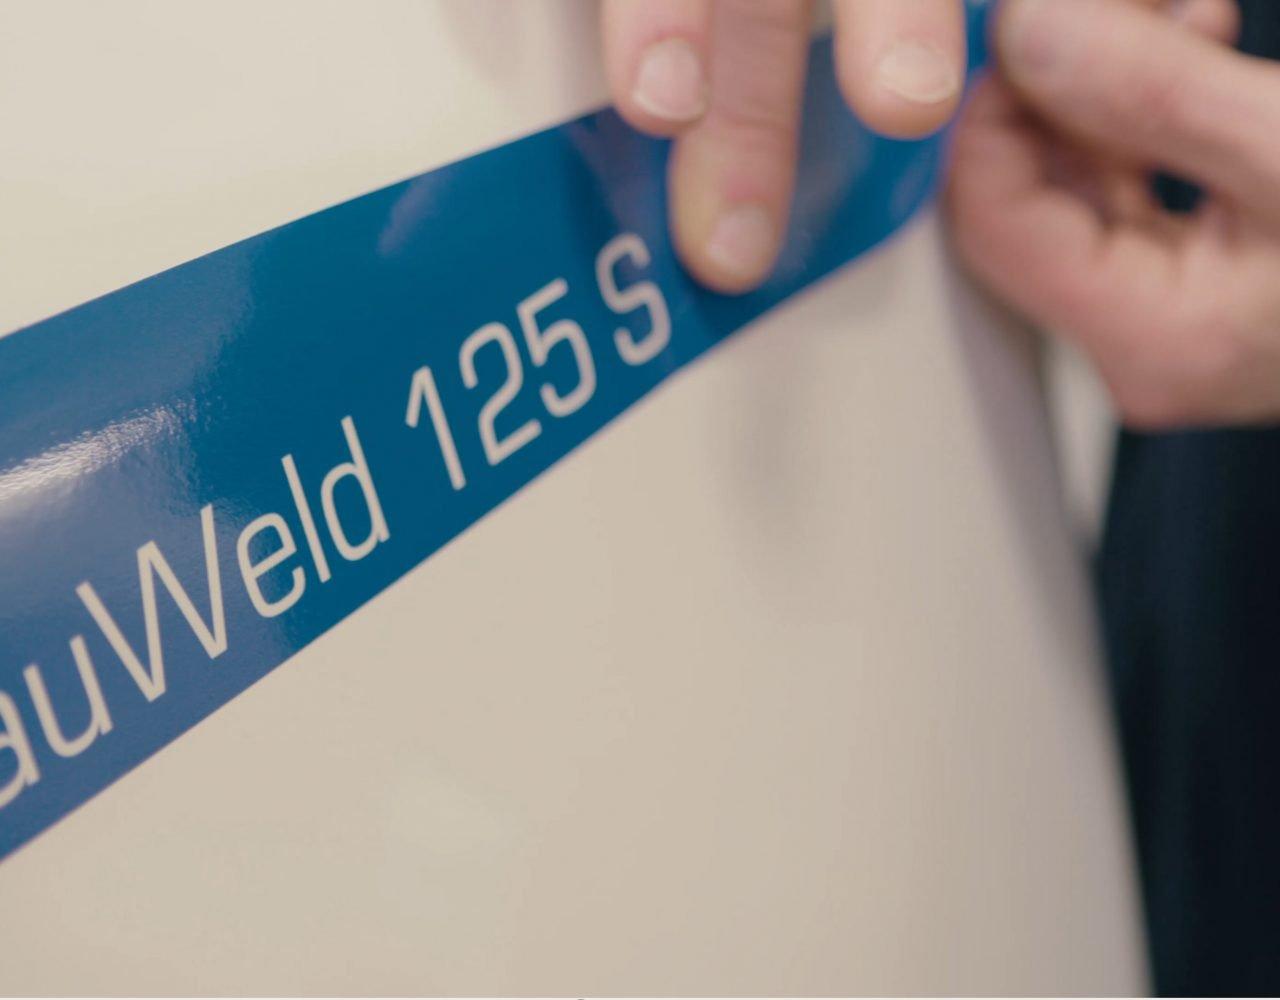 TauWeld 125s